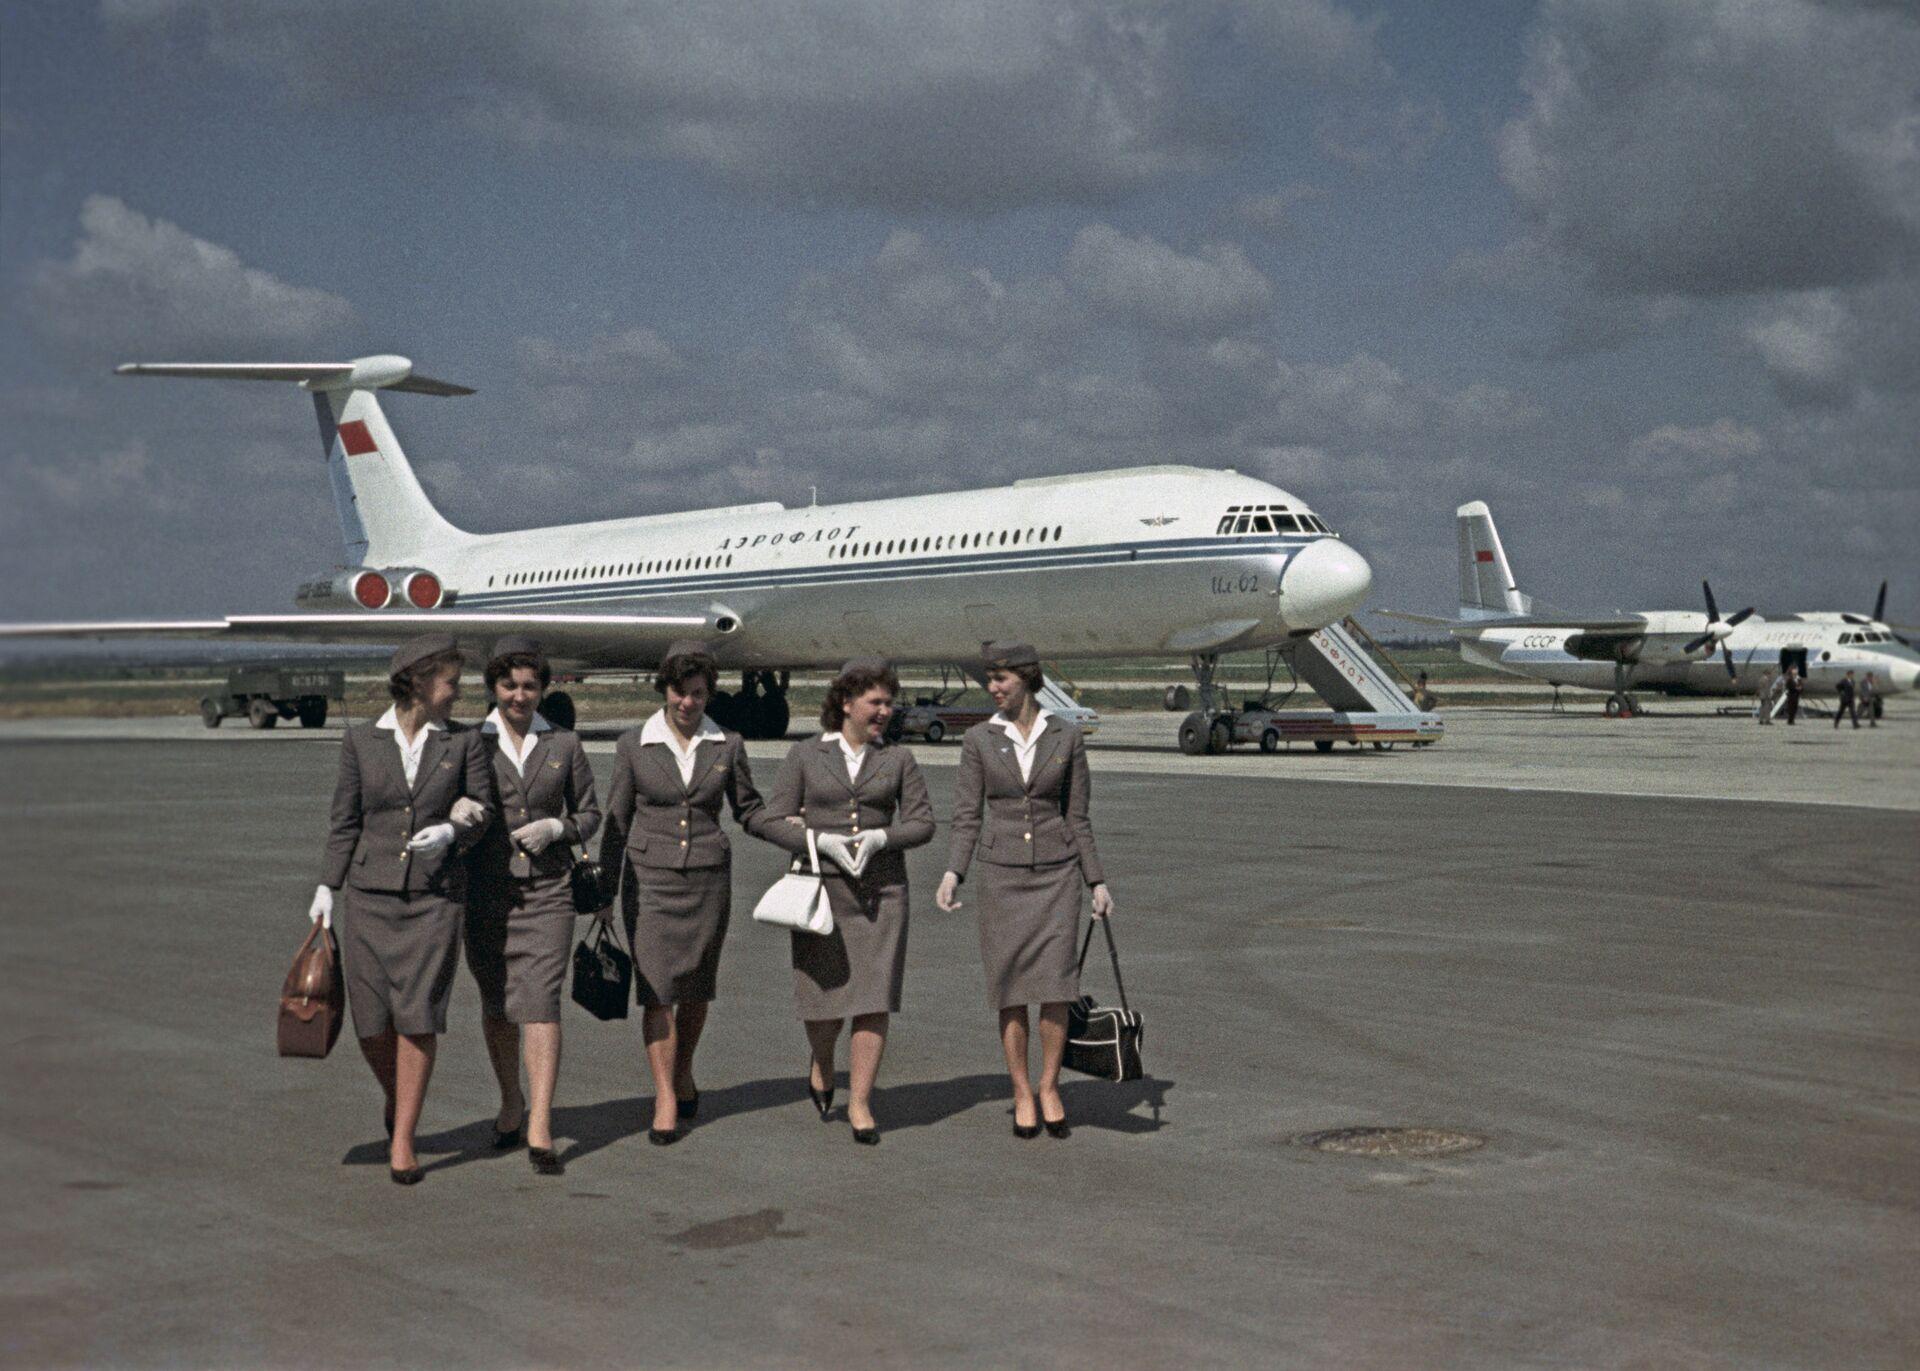 Самолет Ил-62 компании Аэрофлот в аэропорту Внуково - РИА Новости, 1920, 16.10.2020